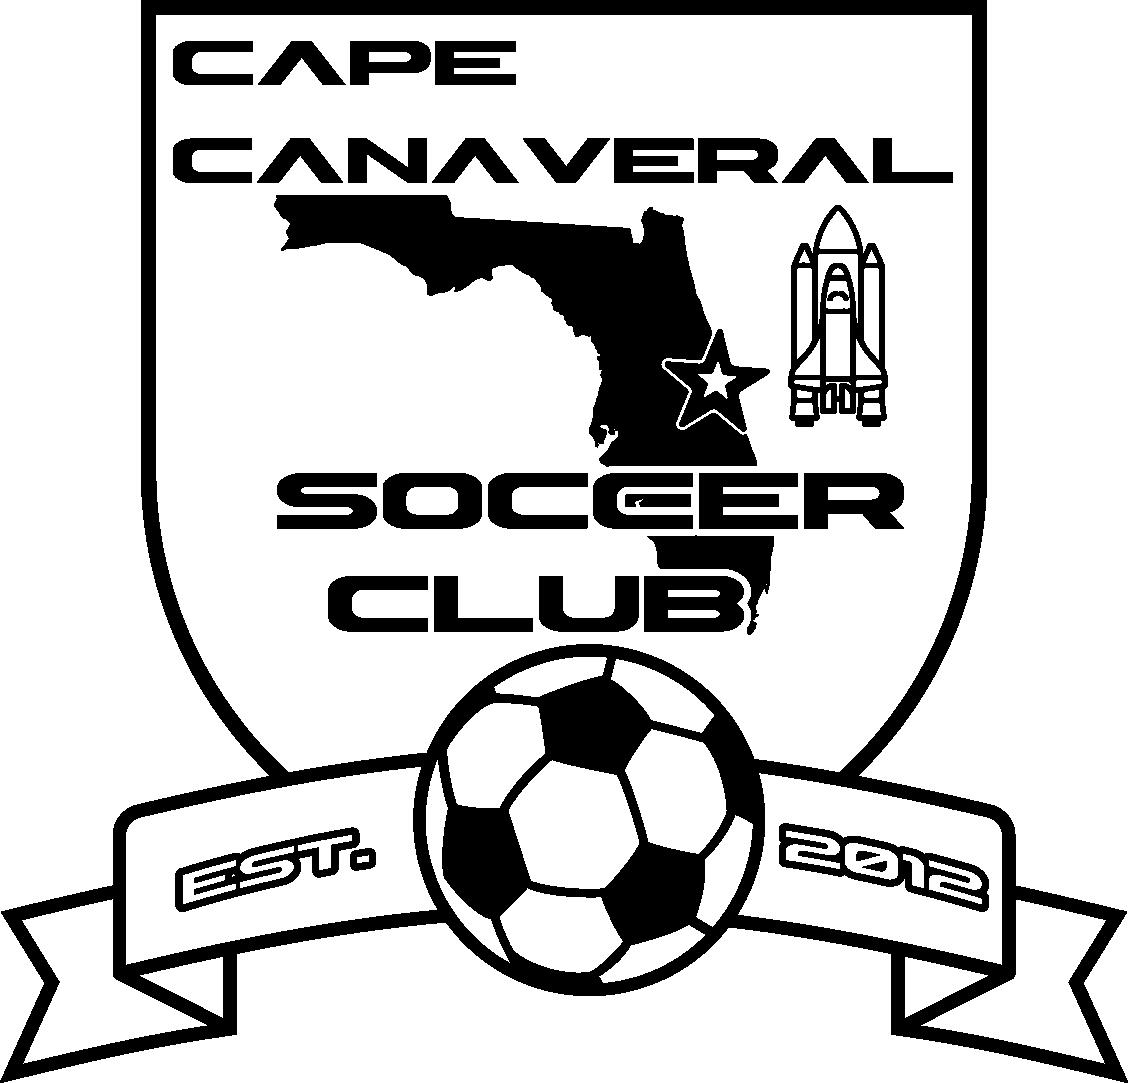 capecanaveral